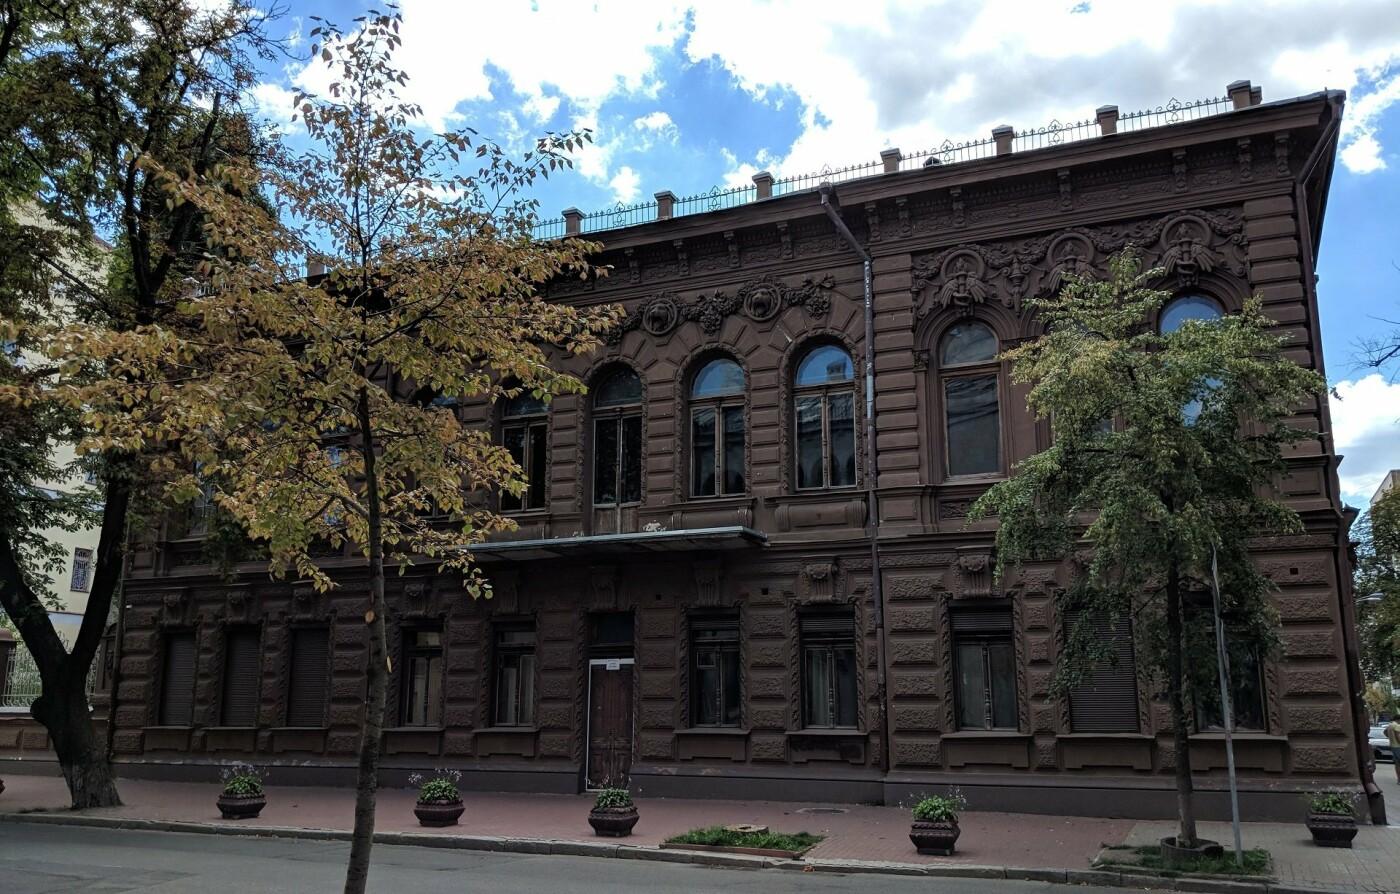 Шоколадный домик в Киеве: как он выглядит и почему так называется, - ФОТО, Фото: Jervis Leung